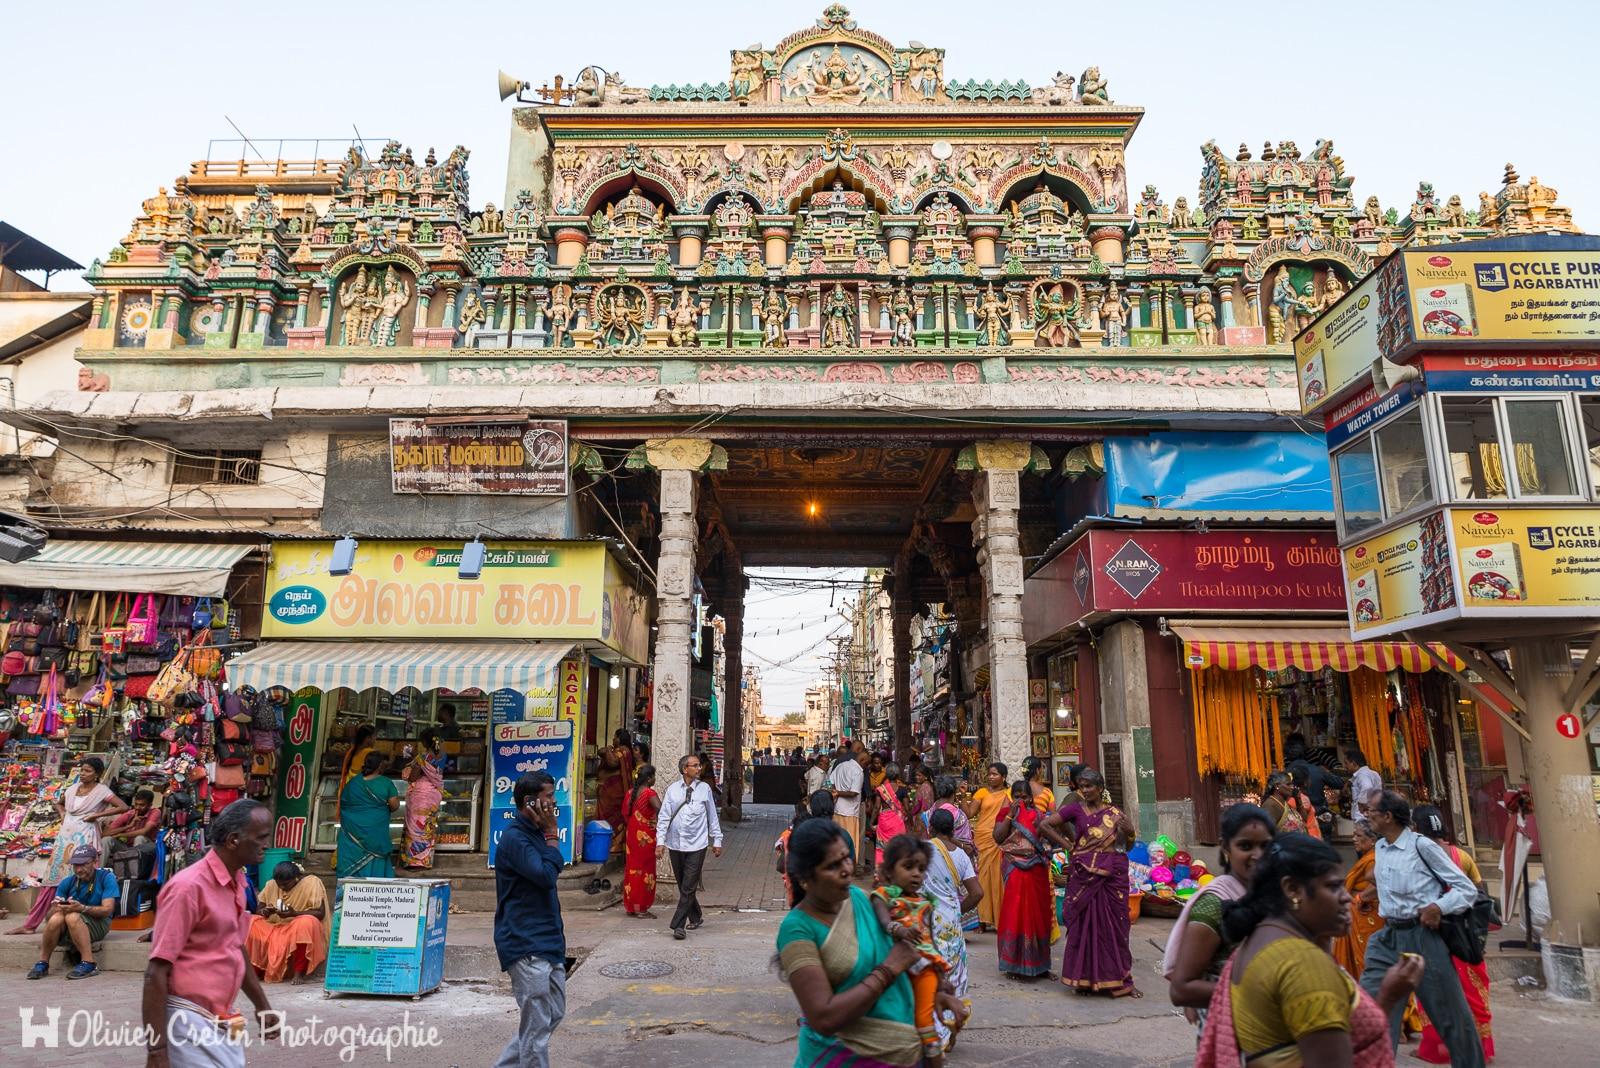 Inde - Madurai - Palette de couleurs vers le temple Sri Meenakshi Amman